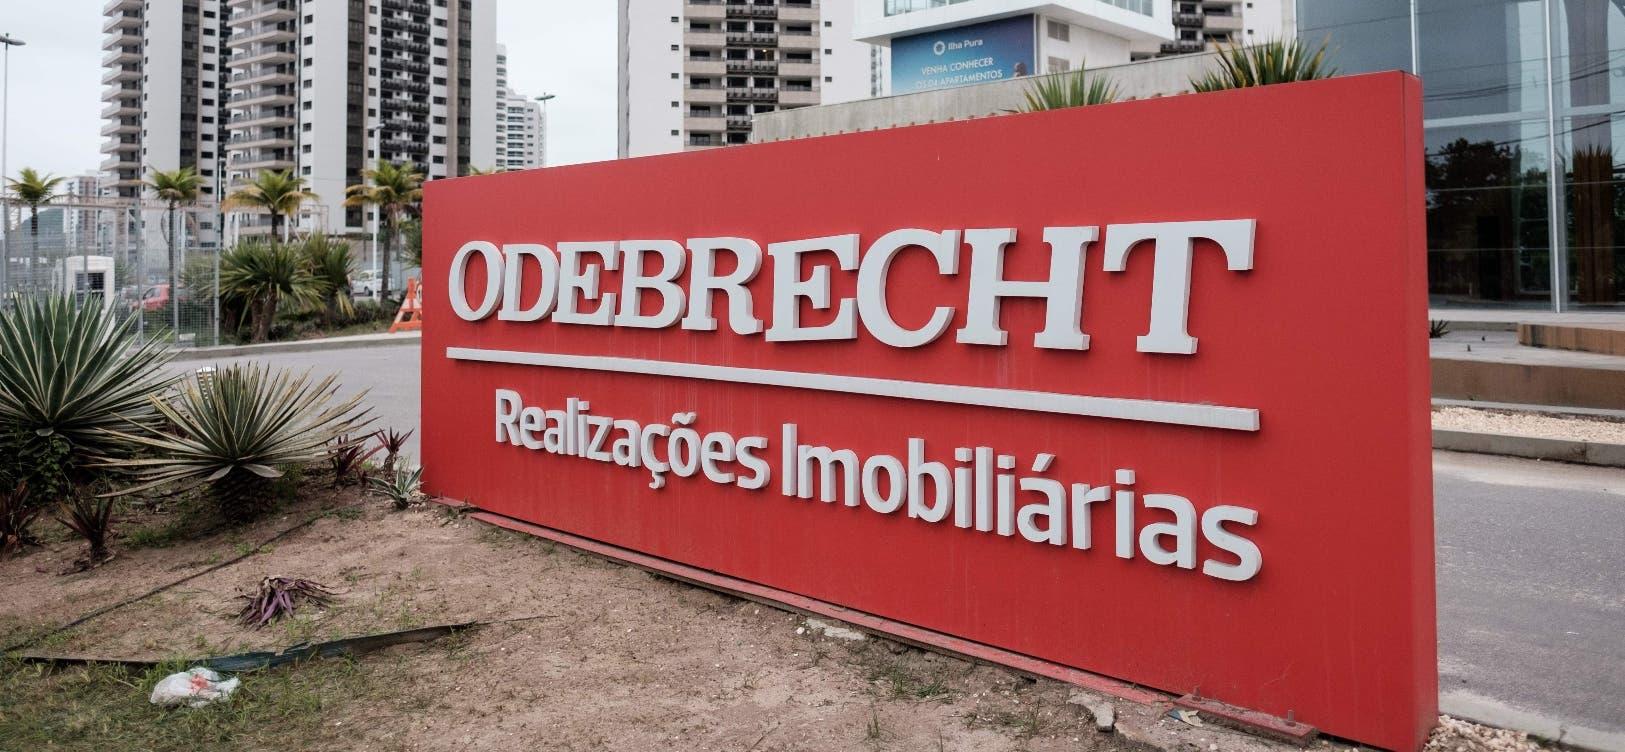 El jefe de la agencia tributaria peruana también indicó que otras constructoras brasileñas implicadas en casos de corrupción tienen deudas tributarias.